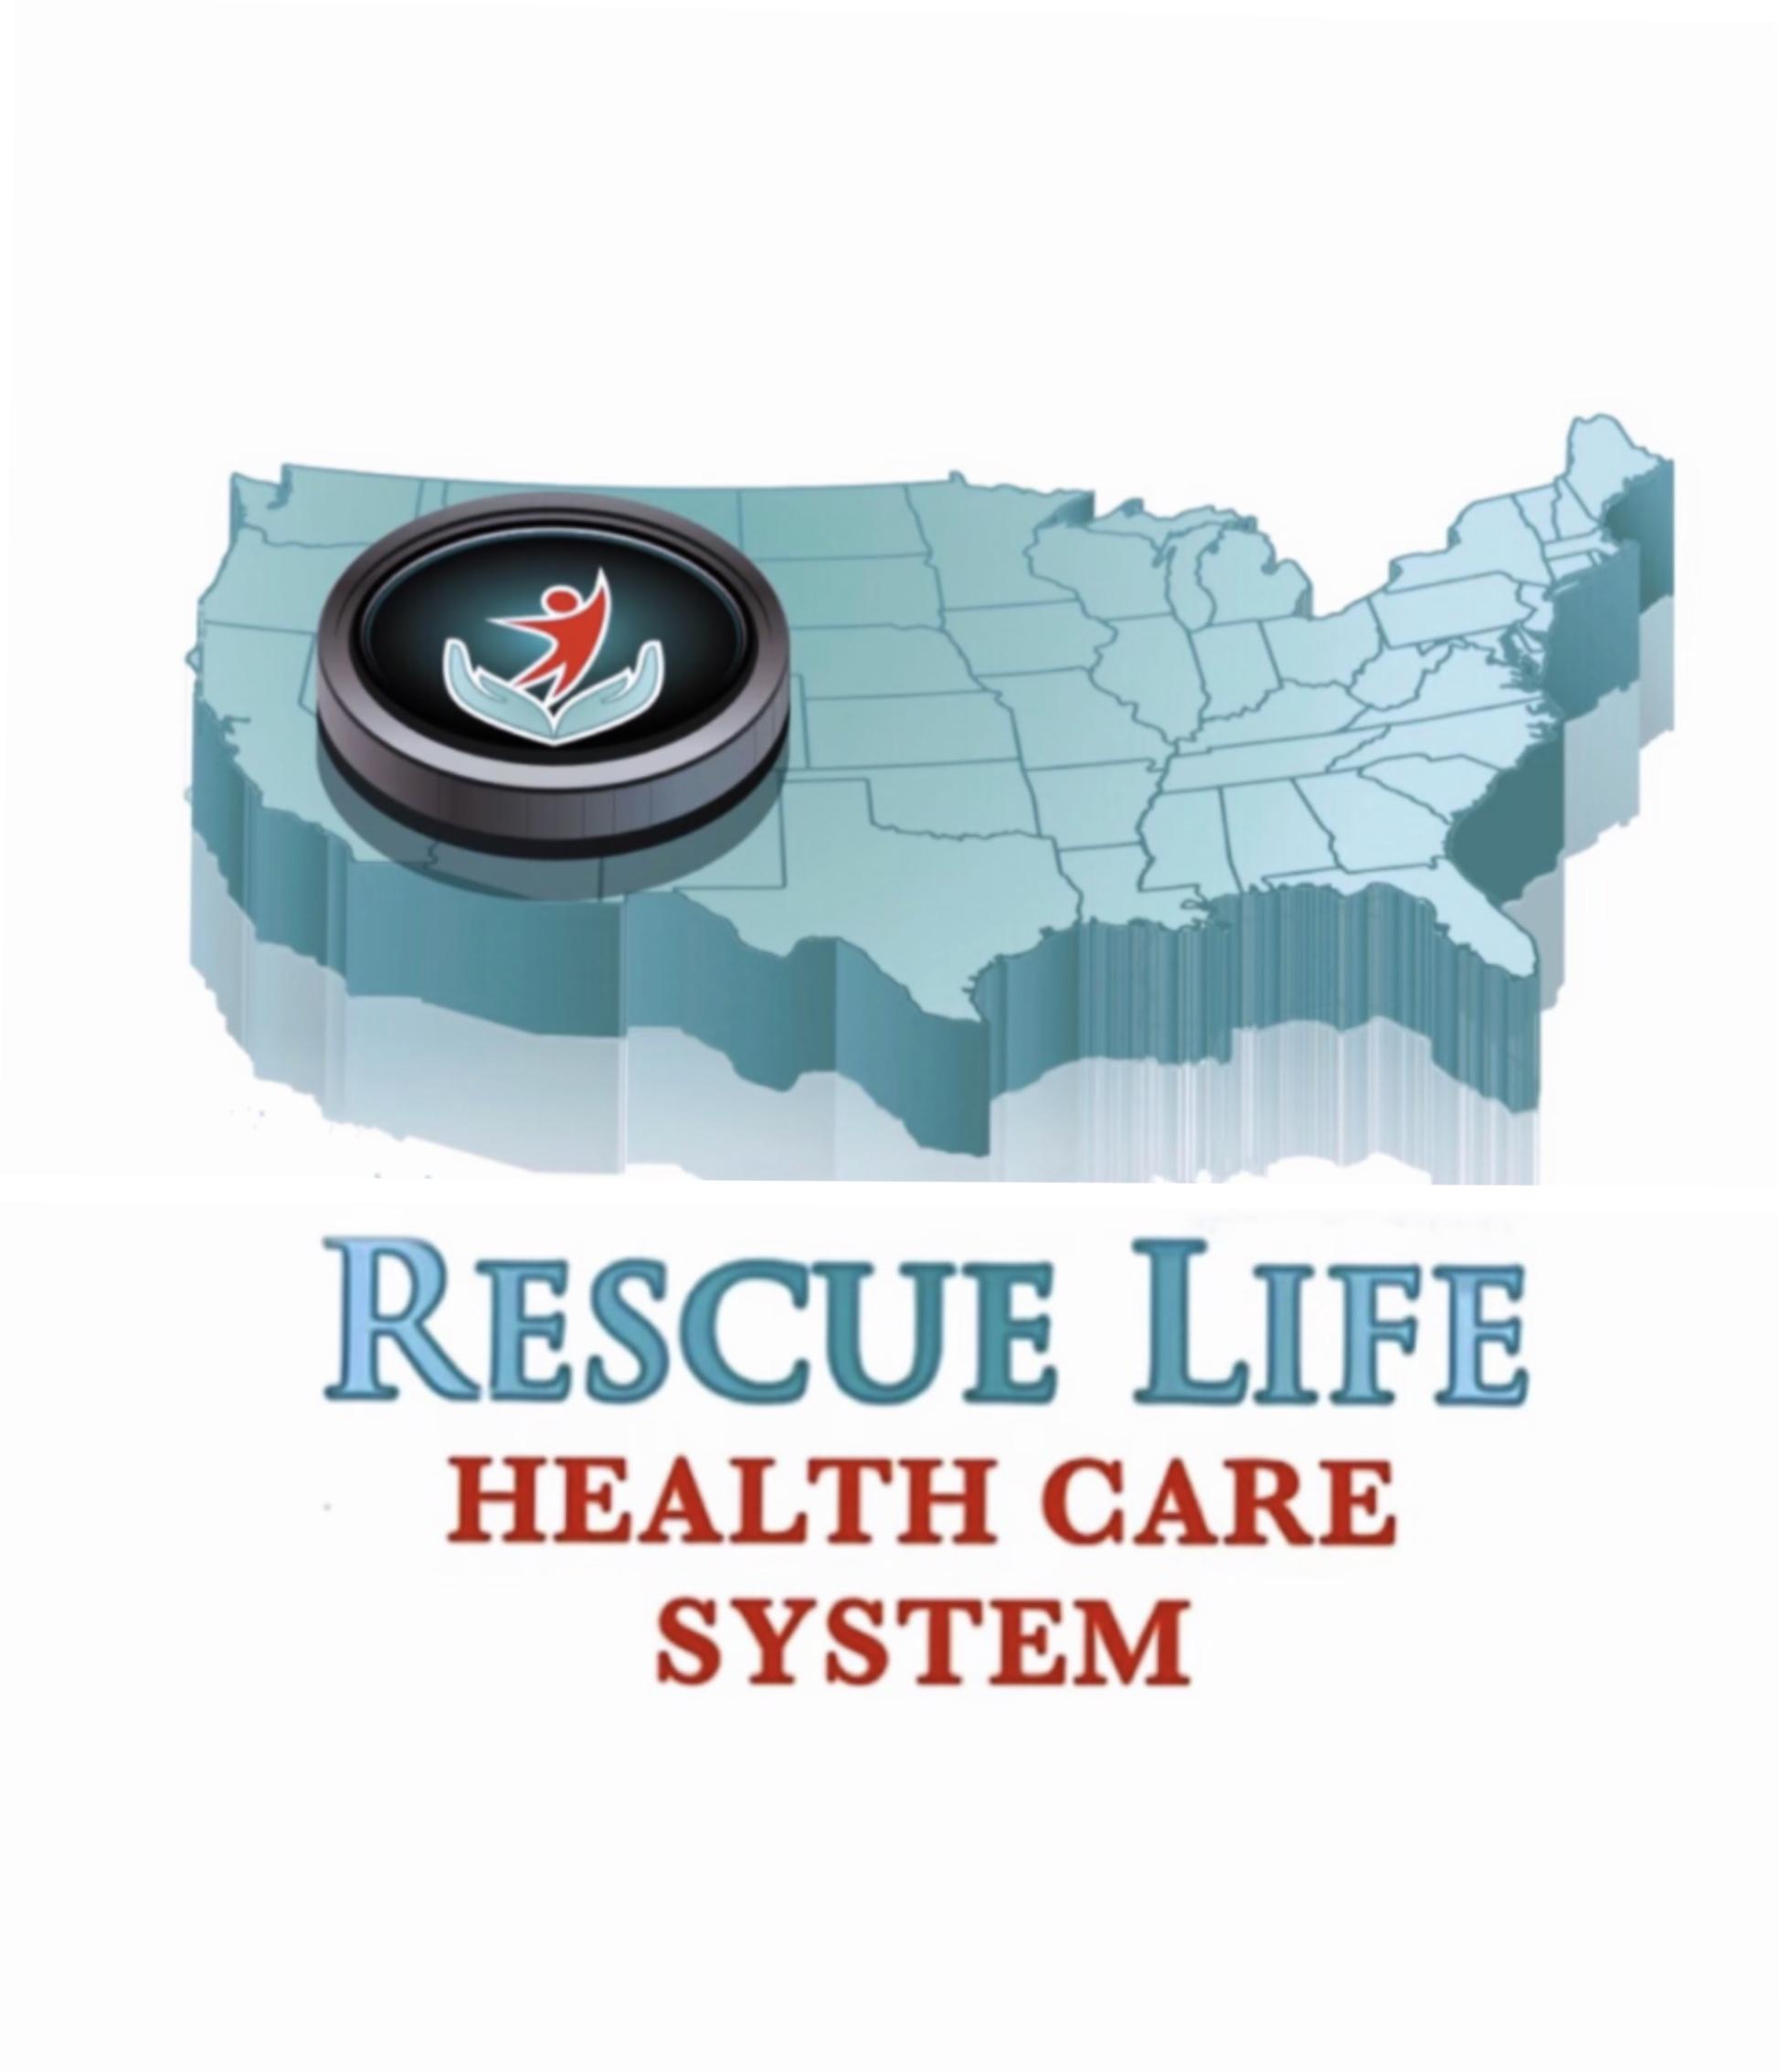 Rescue Life Health care